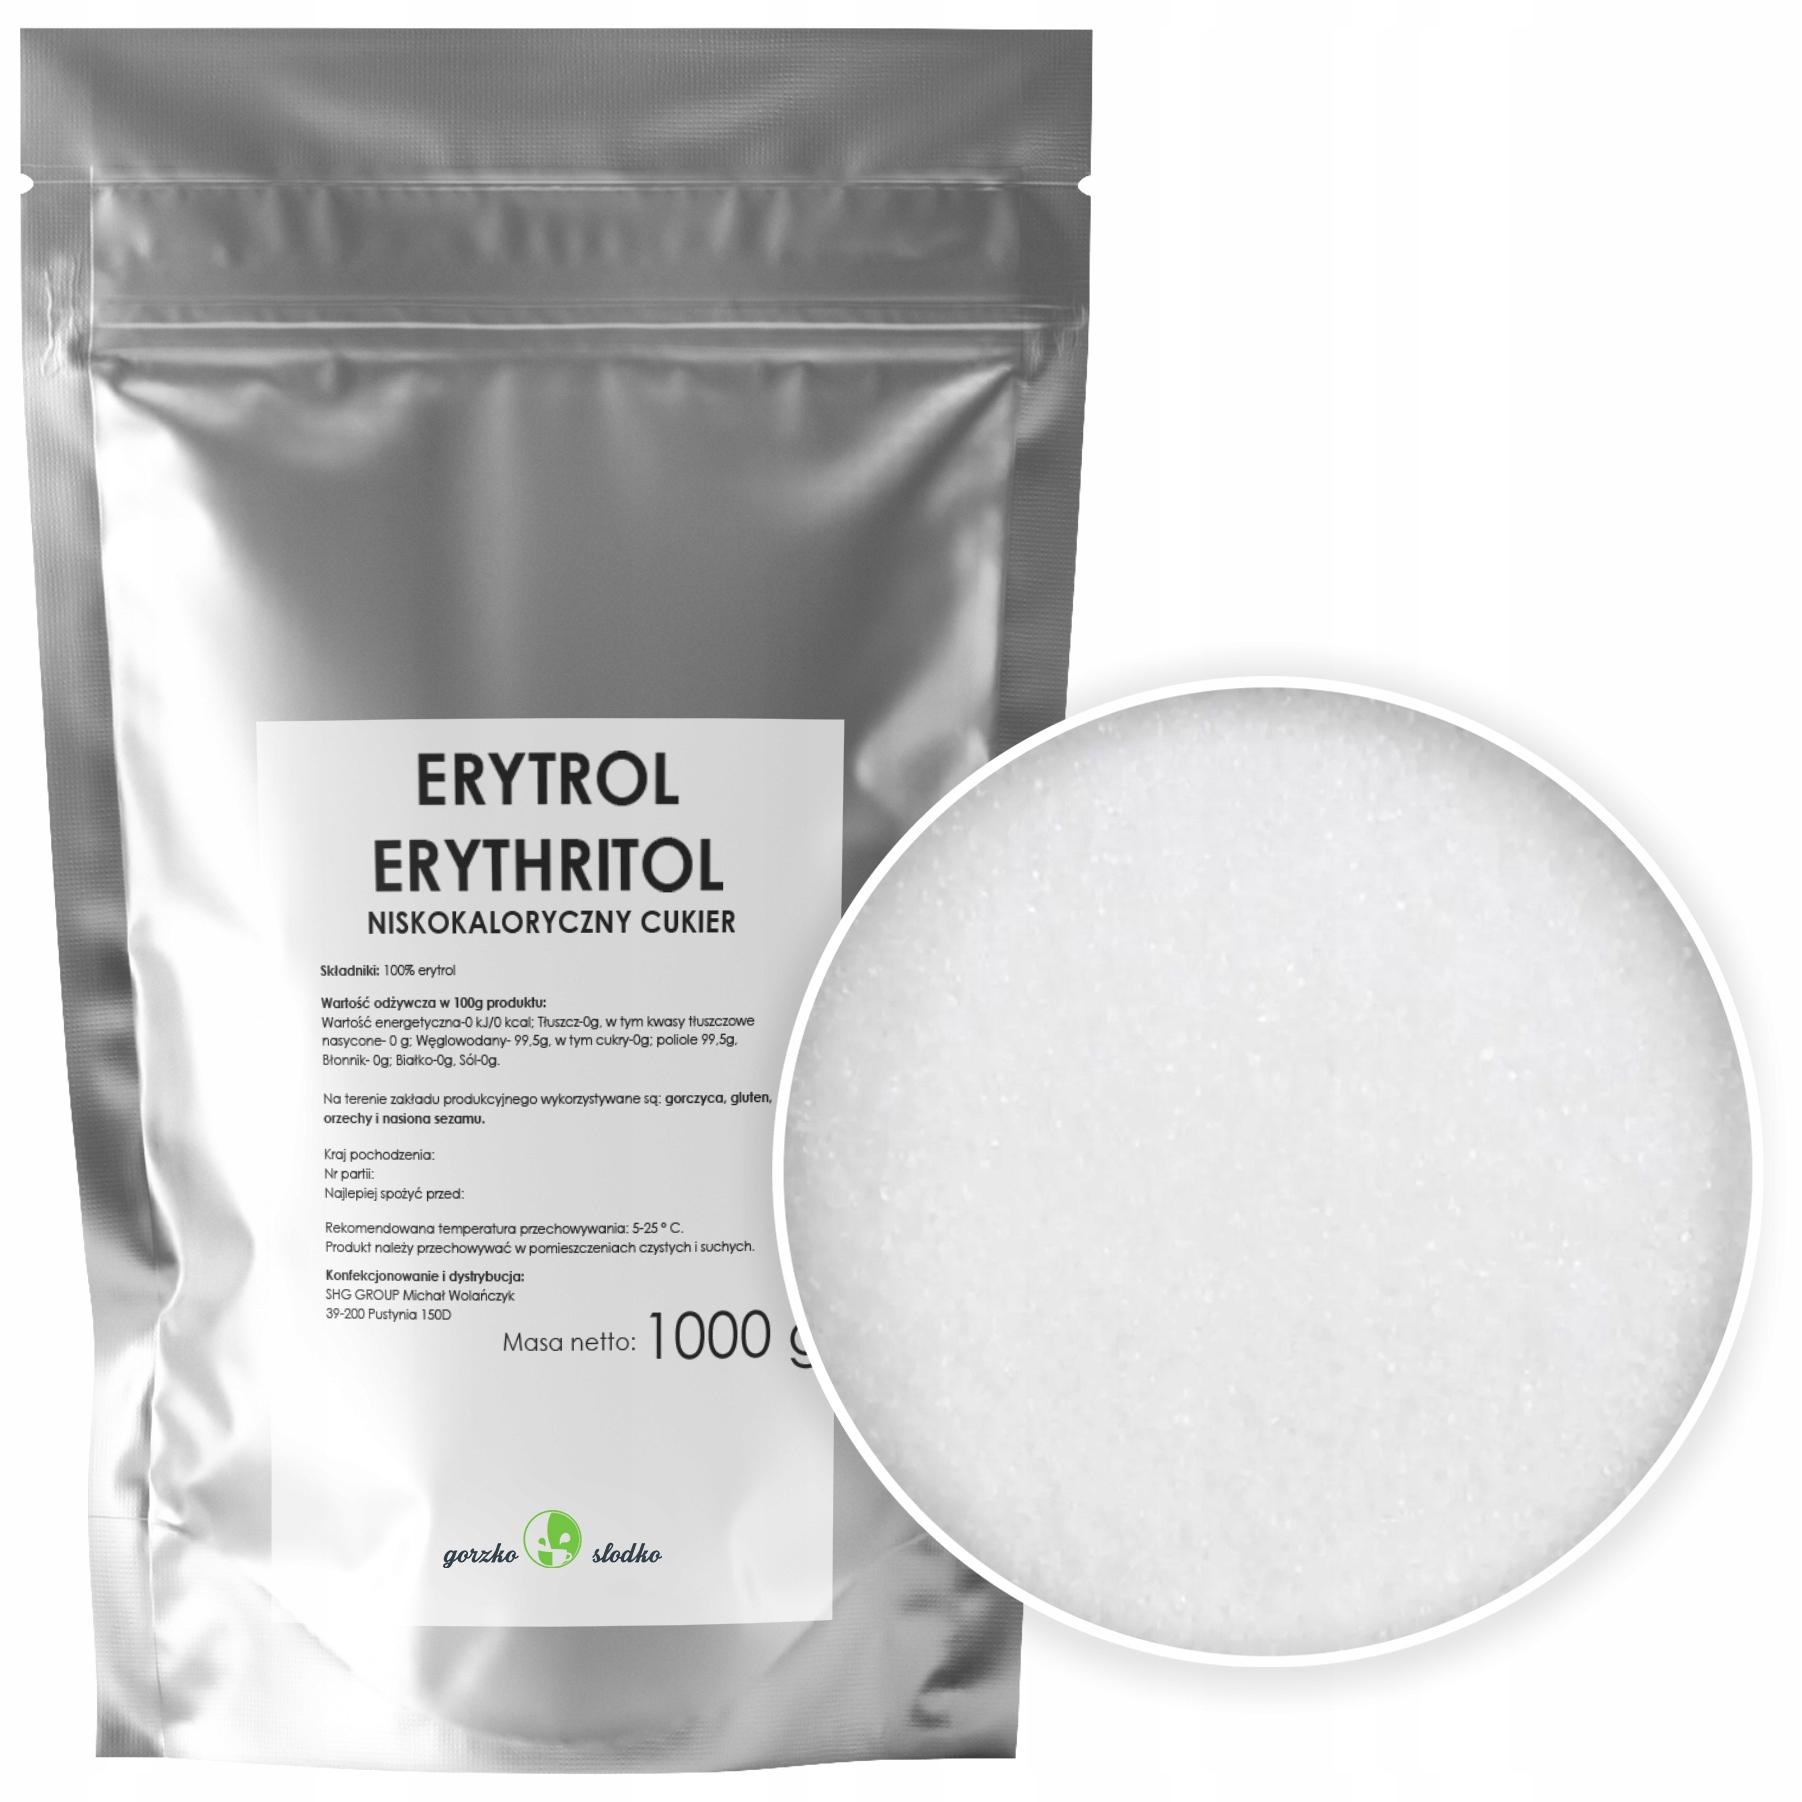 ERYTROL ERYTRYTOL натуральный подсластитель 1 кг